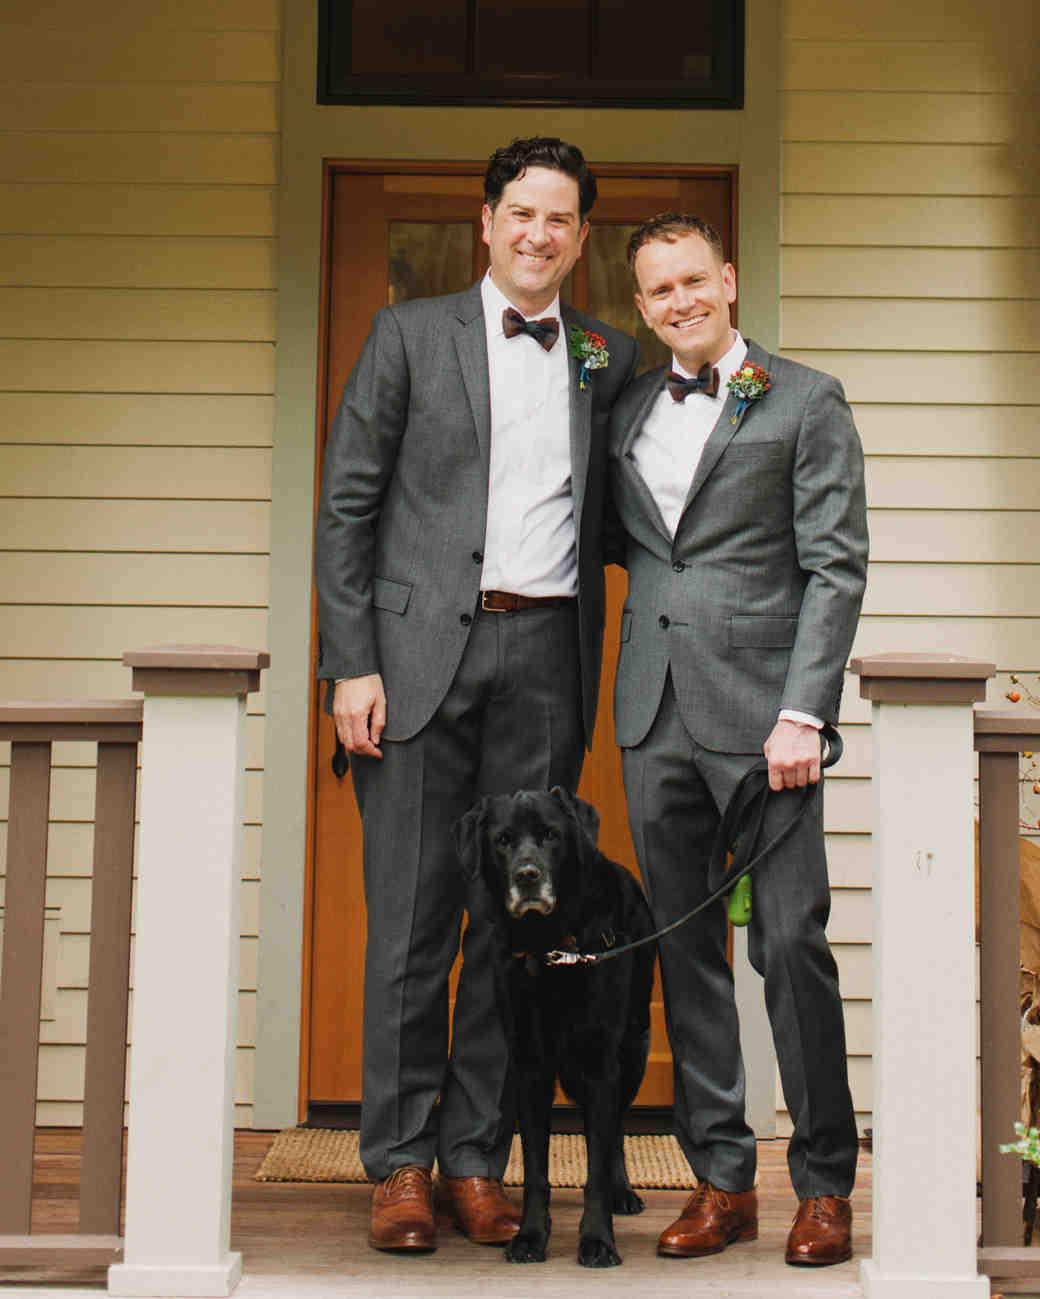 craig-andrew-wedding-couple-038-s111833-0215.jpg